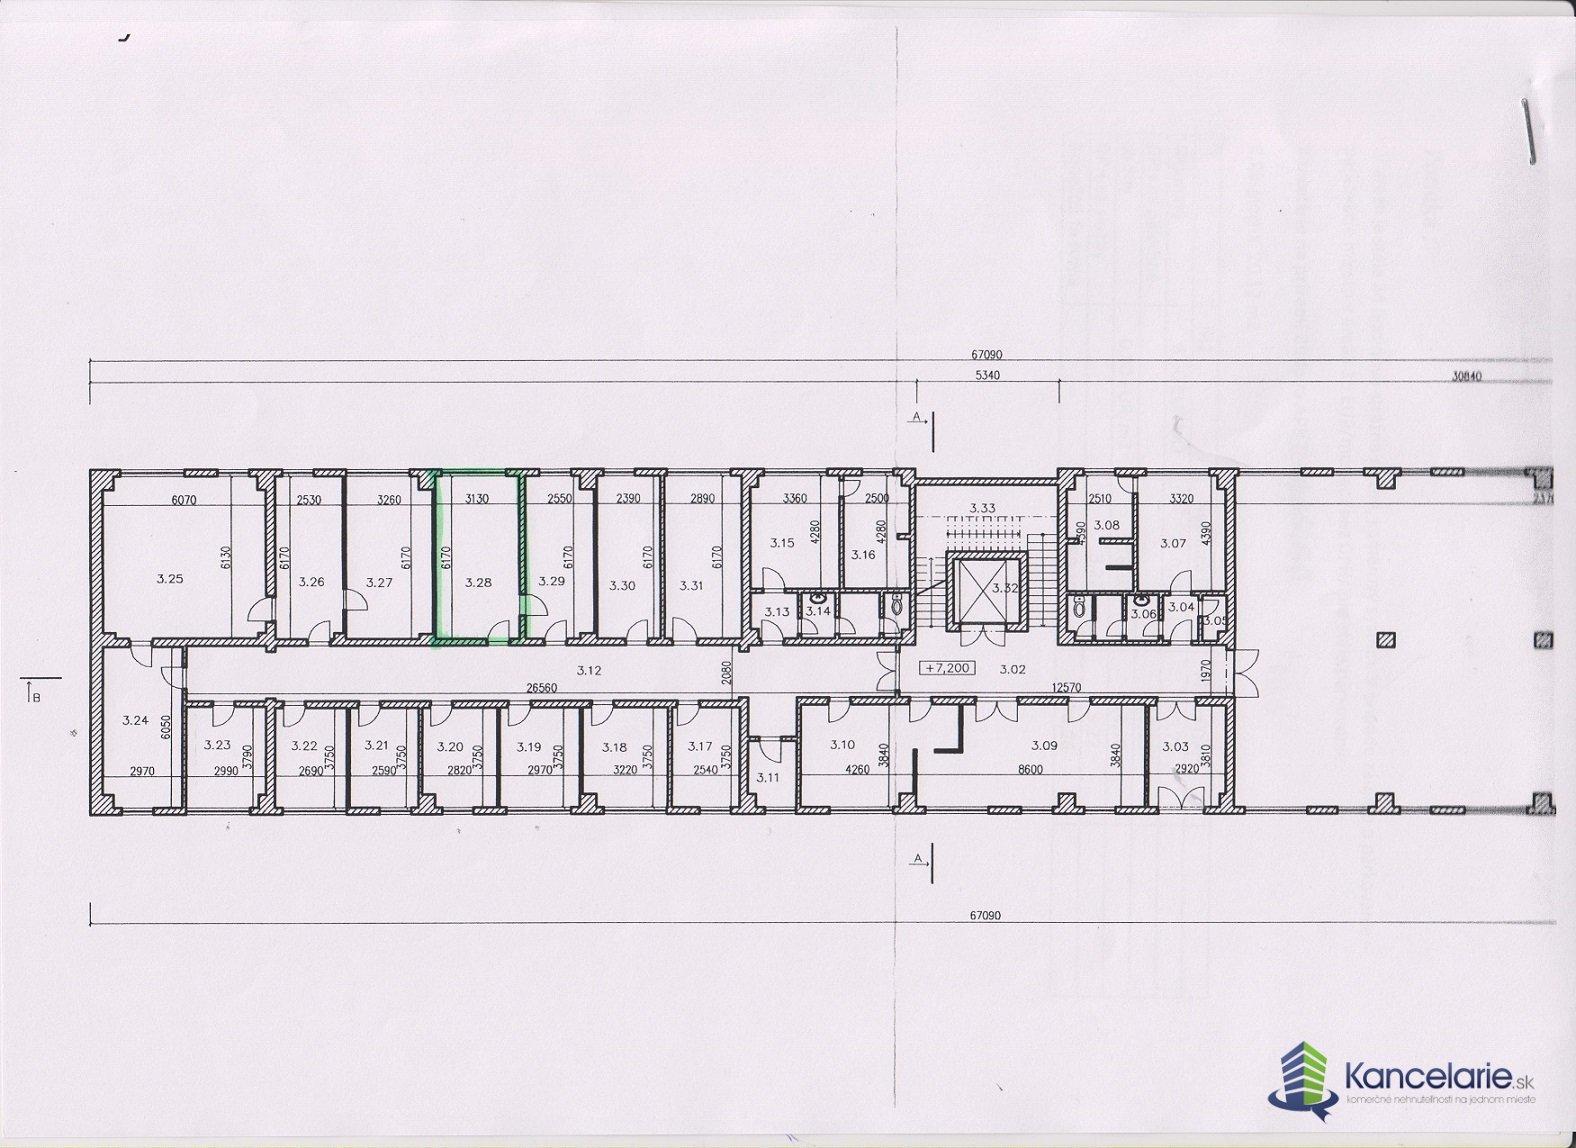 Agrimex spol. s r.o. (AMEX Park), Kancelária APB II č. 3.28, Púchovská 12, Bratislava